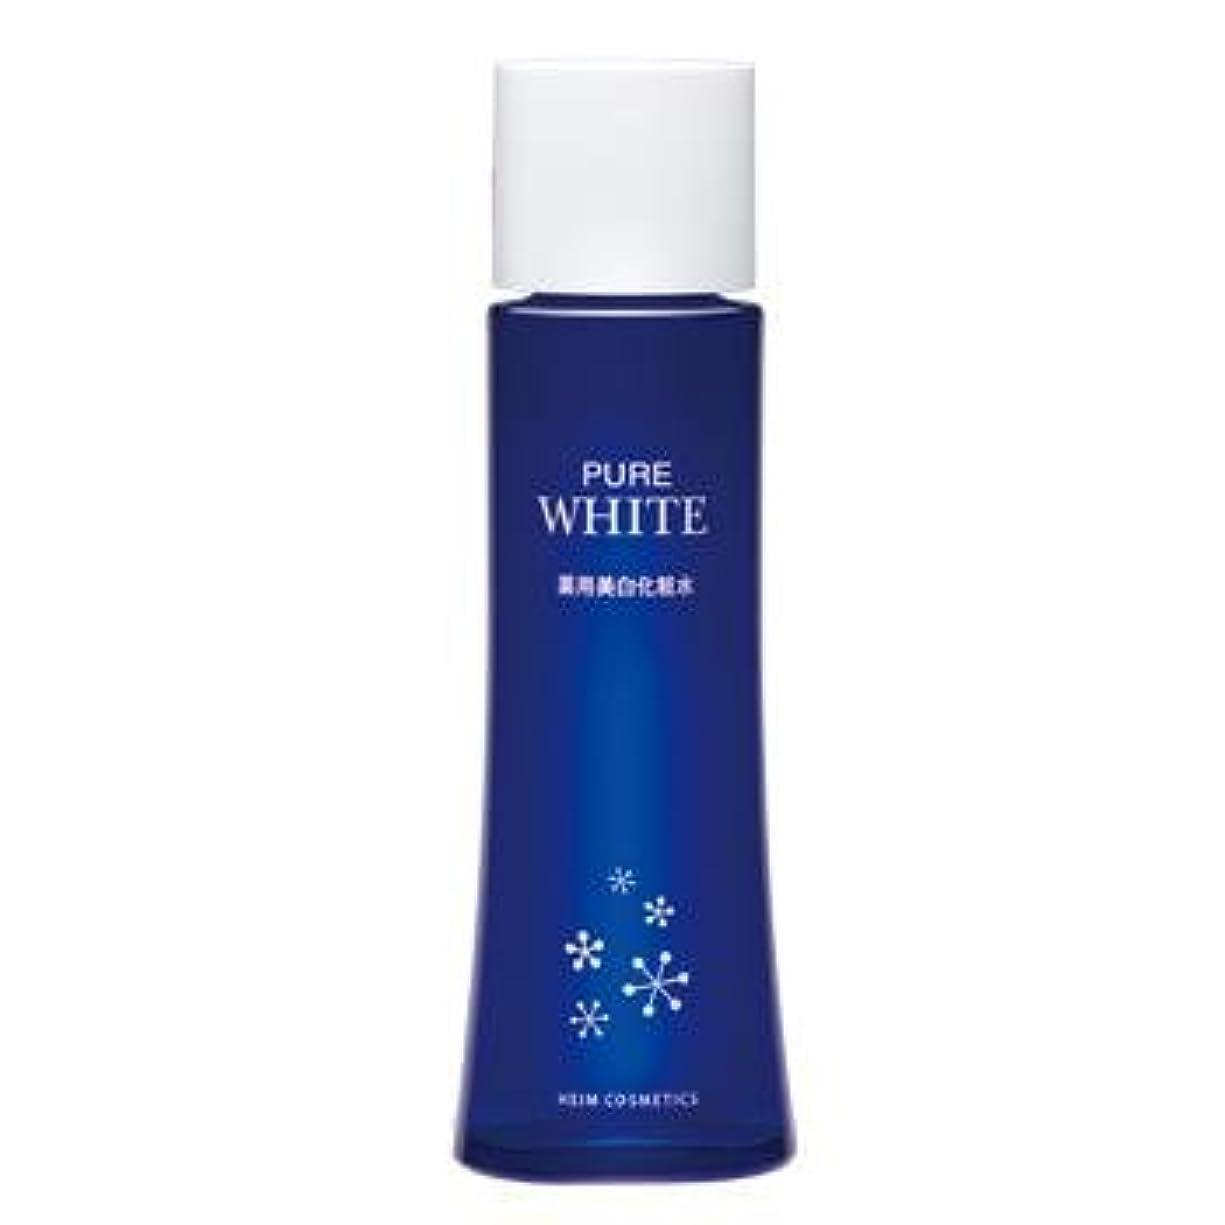 エイリアス構想する忌み嫌うハイム化粧品/薬用ピュアホワイト/化粧水(しっとり)【乾燥しやすい肌に美白とうるおいを】